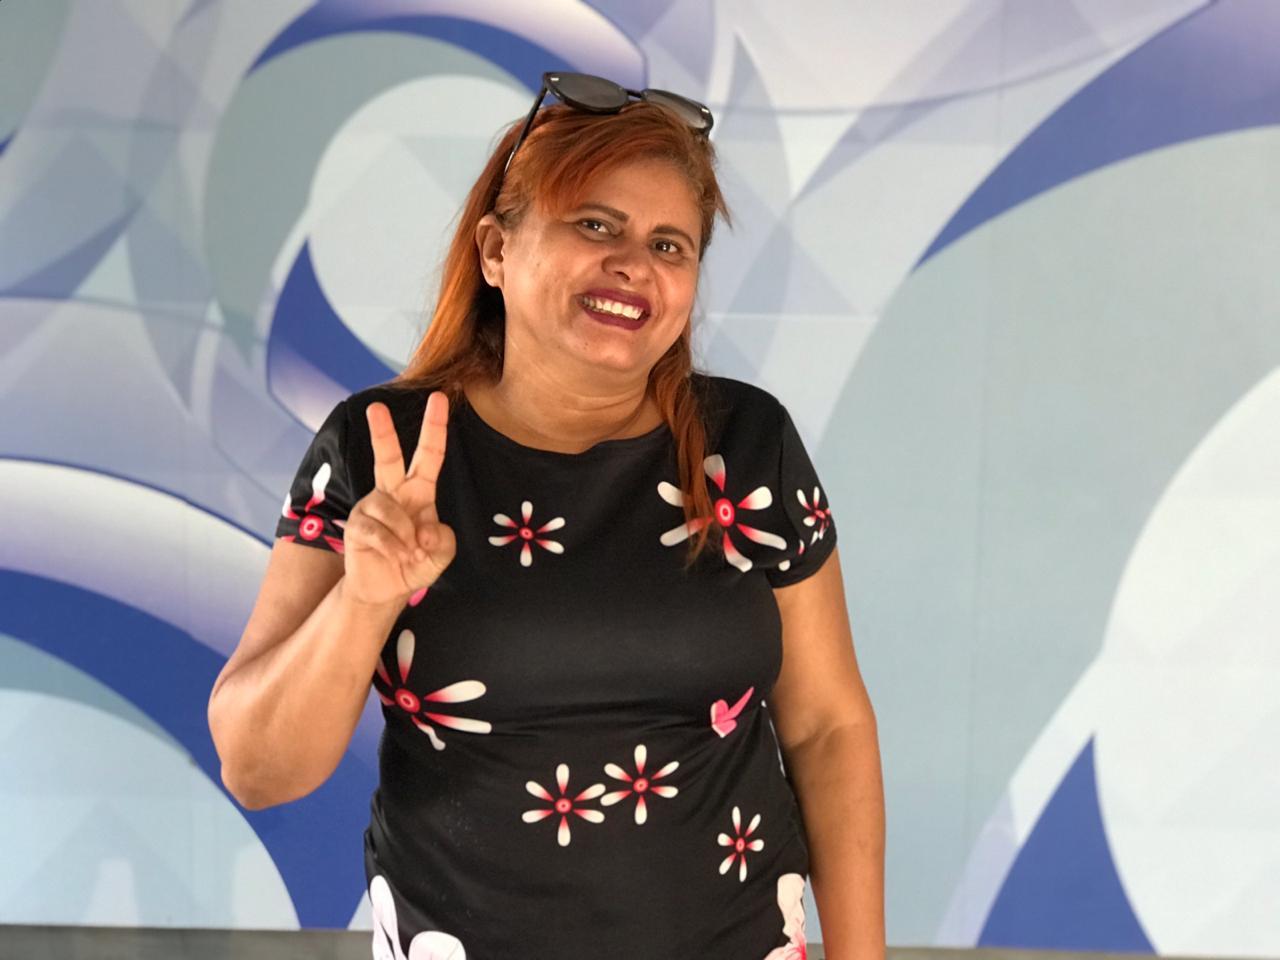 Ganhadora Elisangela Barbosa veio receber sua SmartTV no GMNC